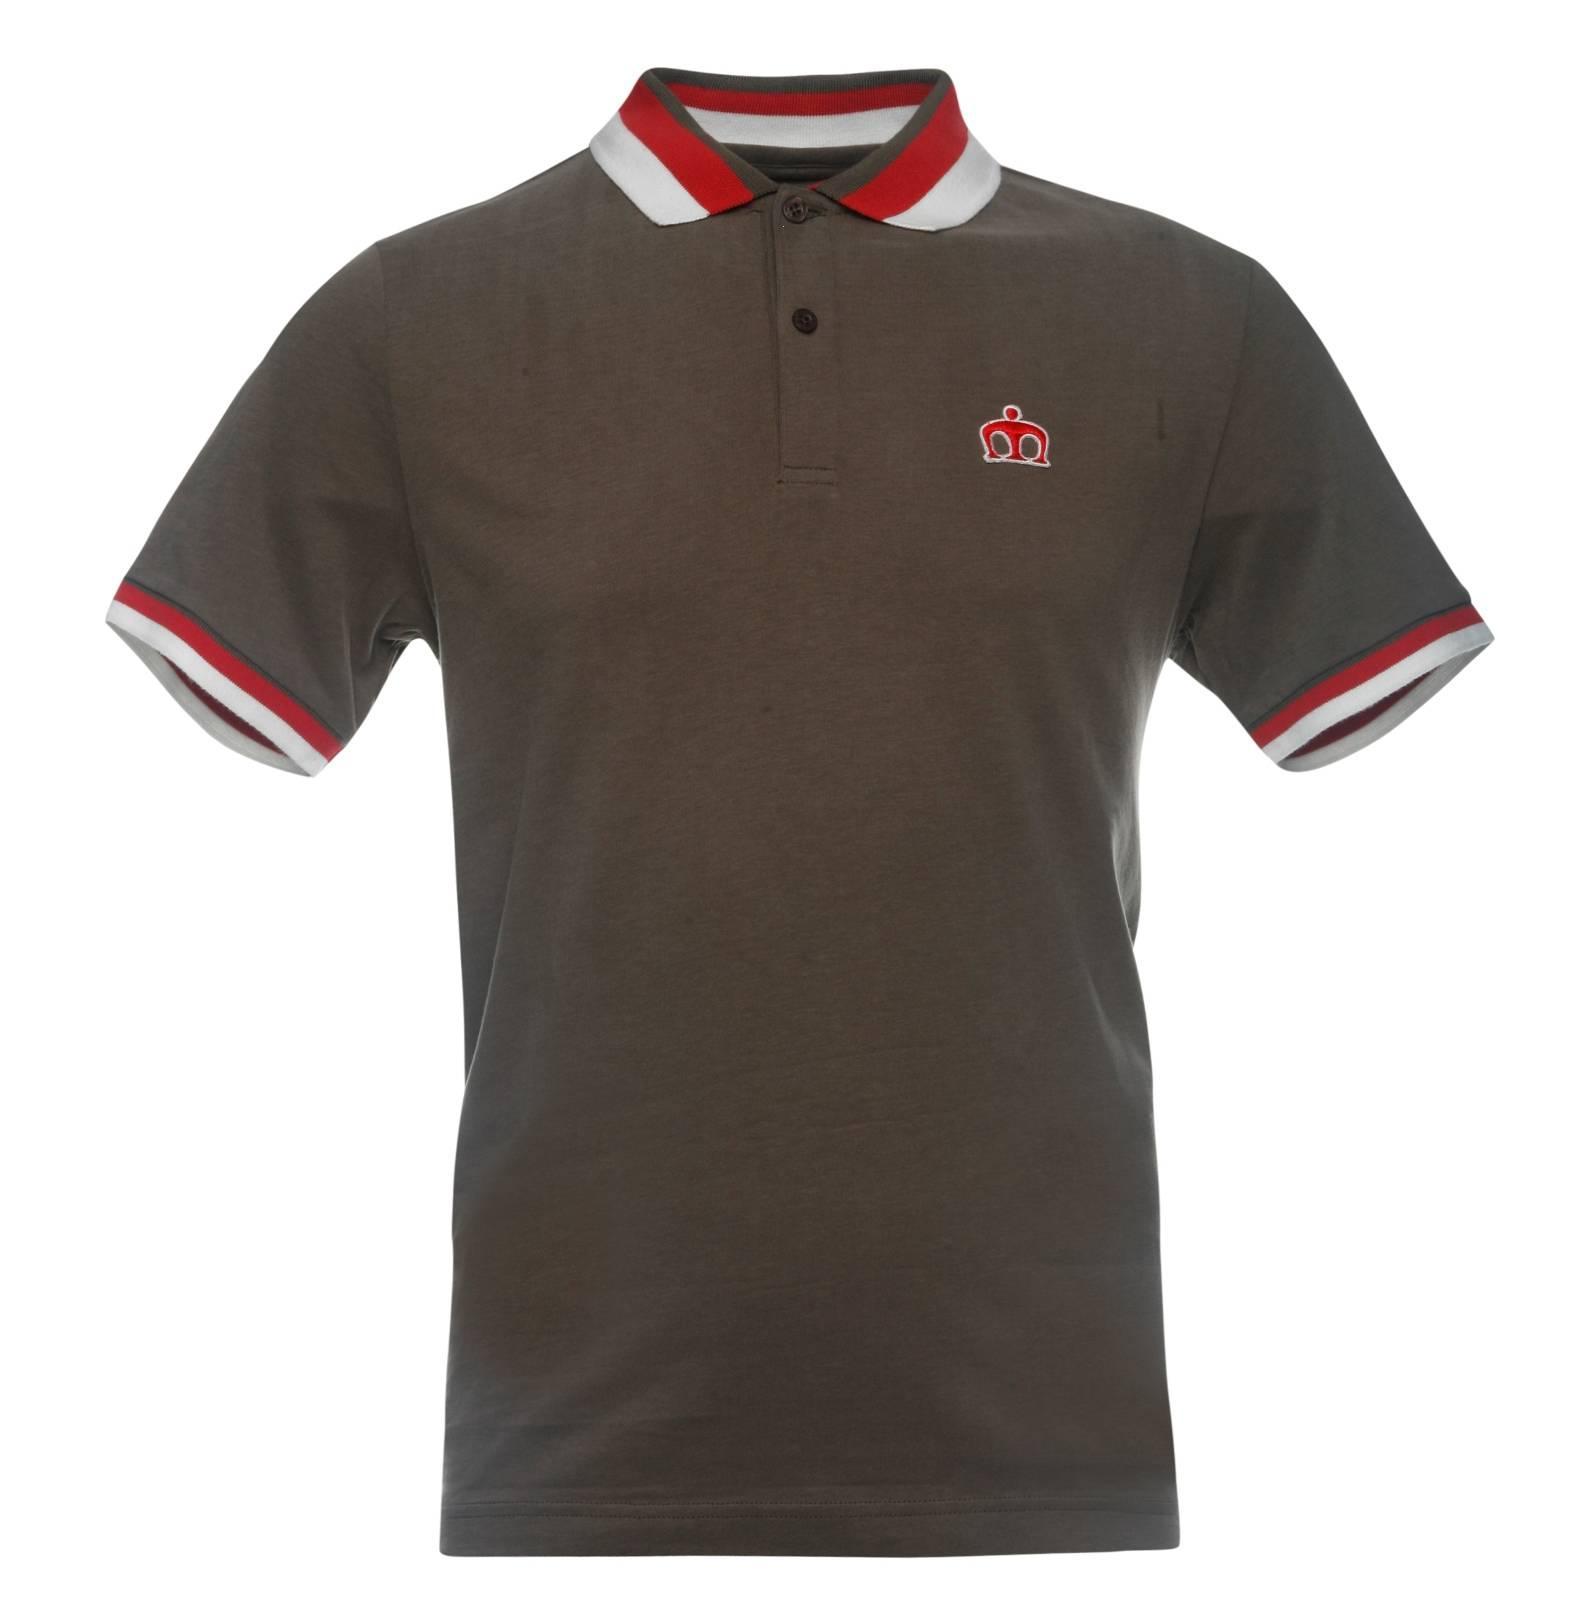 Рубашка Поло CarbisПоло<br><br><br>Артикул: 1911106<br>Материал: 100% хлопок<br>Цвет: хаки<br>Пол: Мужской